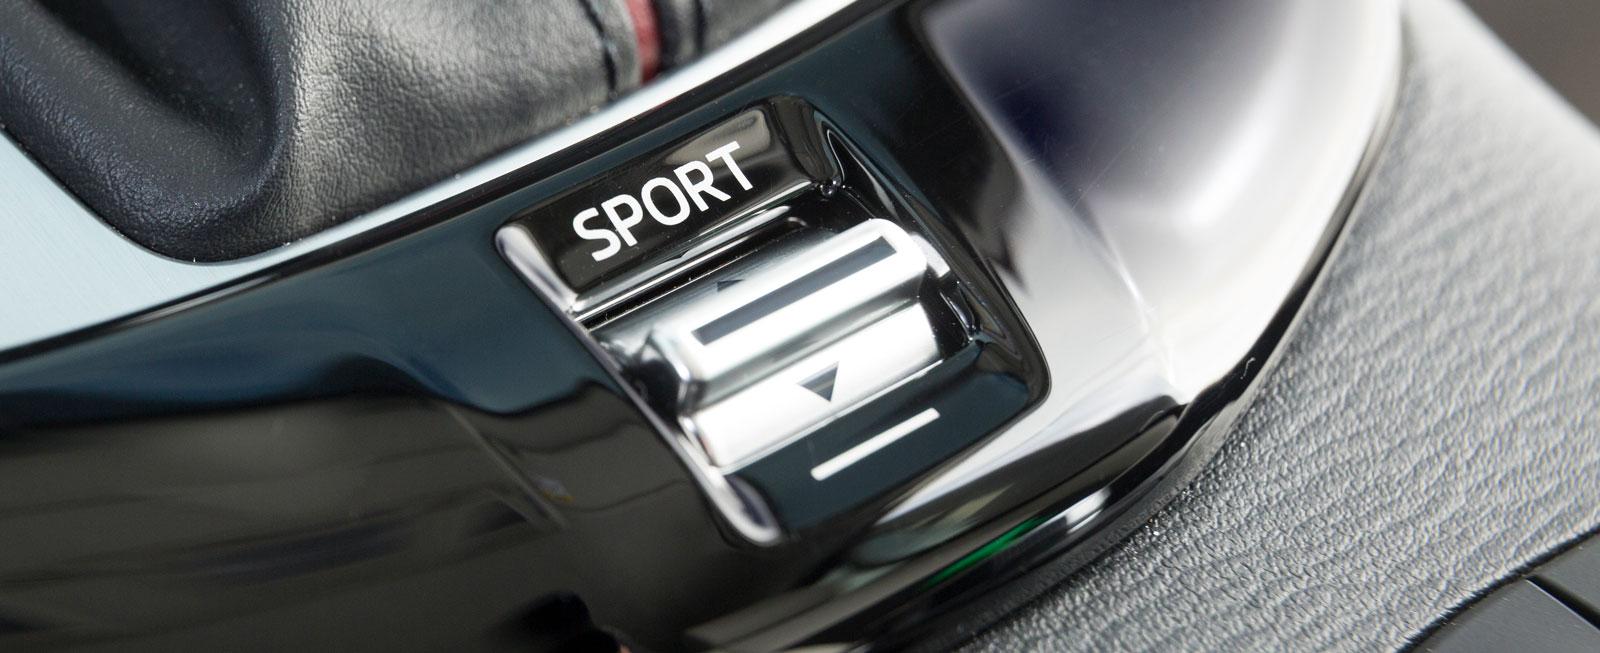 Med ett litet vippreglage kan växellådan och gasmappningen ställas i sportläge. CX-3 har klart rivig karaktär i båda, känslan är lite av MX-5 fast med fyra dörrar.